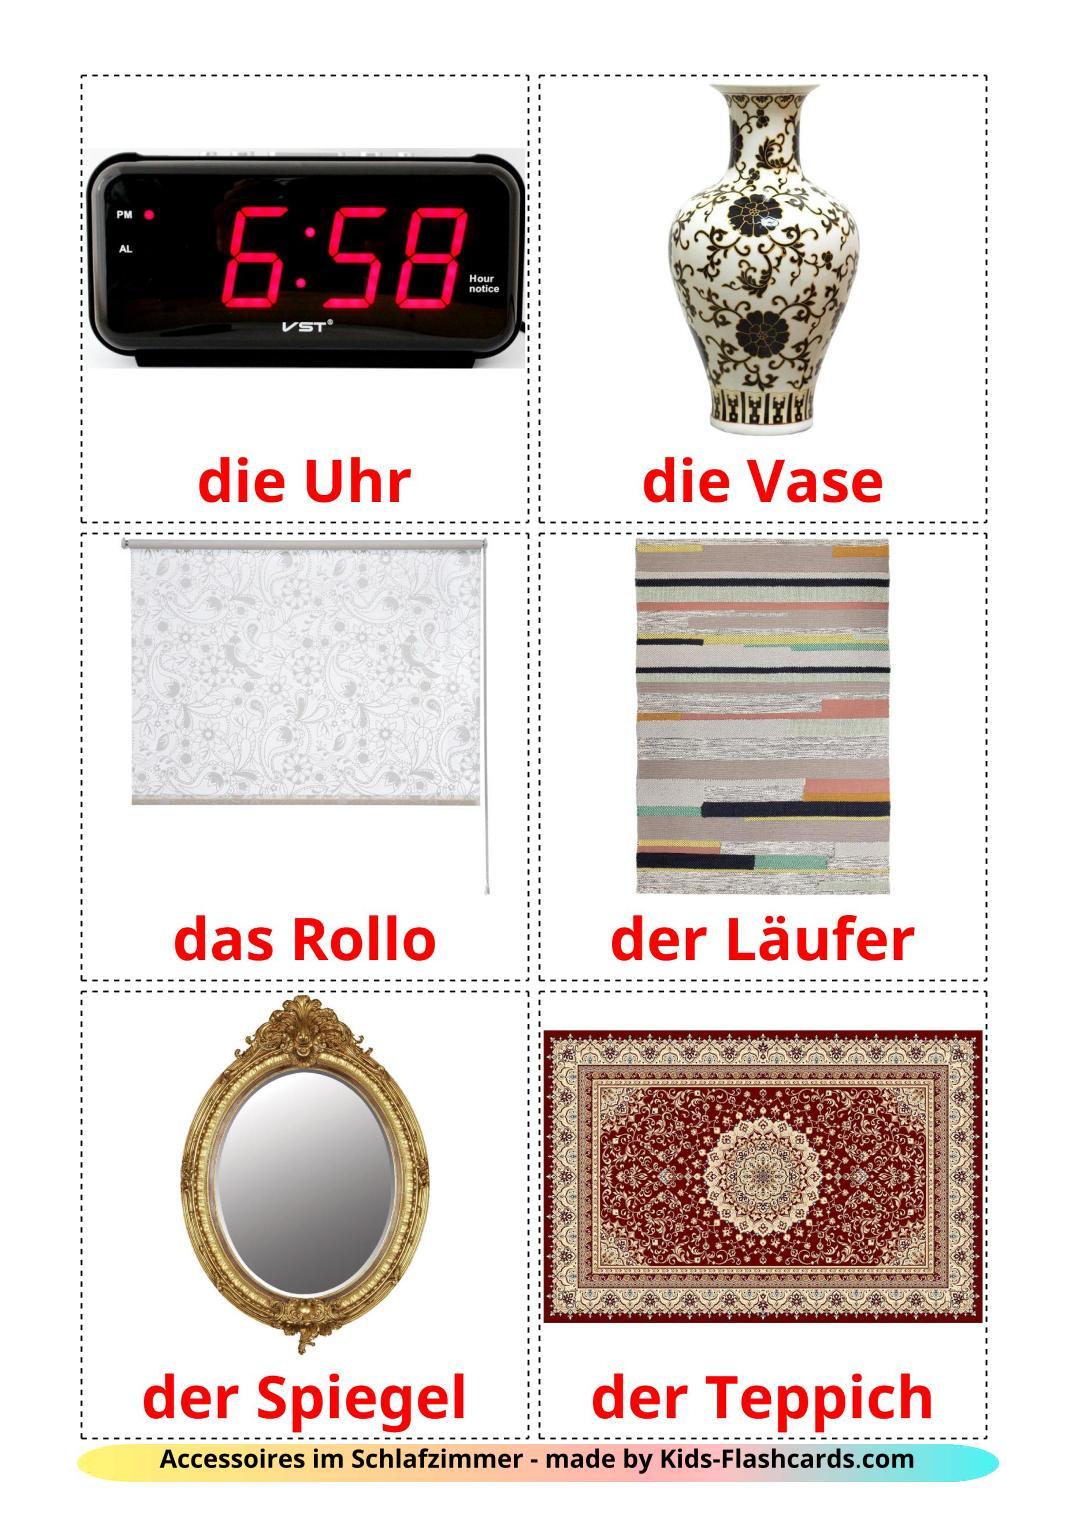 Bedroom accessories - 18 Free Printable german Flashcards